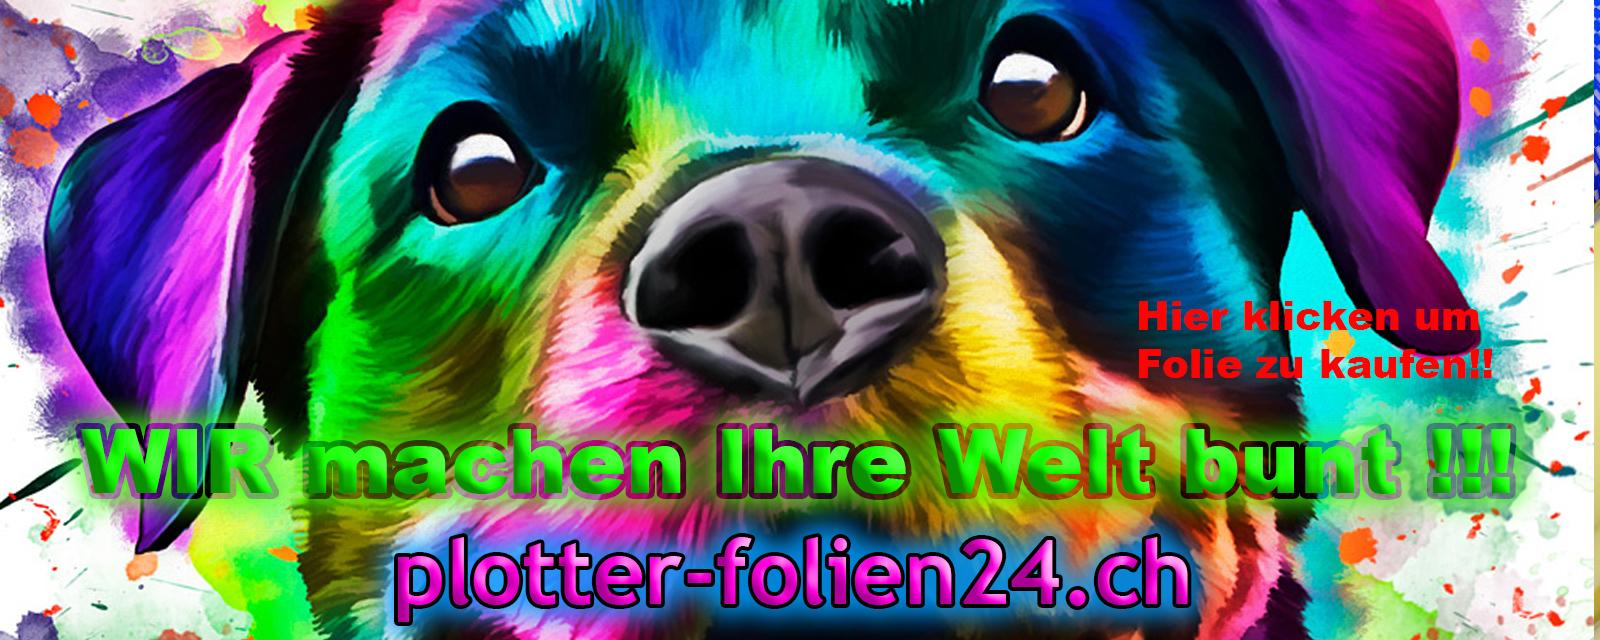 banner2 plotter-folien24.ch Plotter- Folien und Zubehör